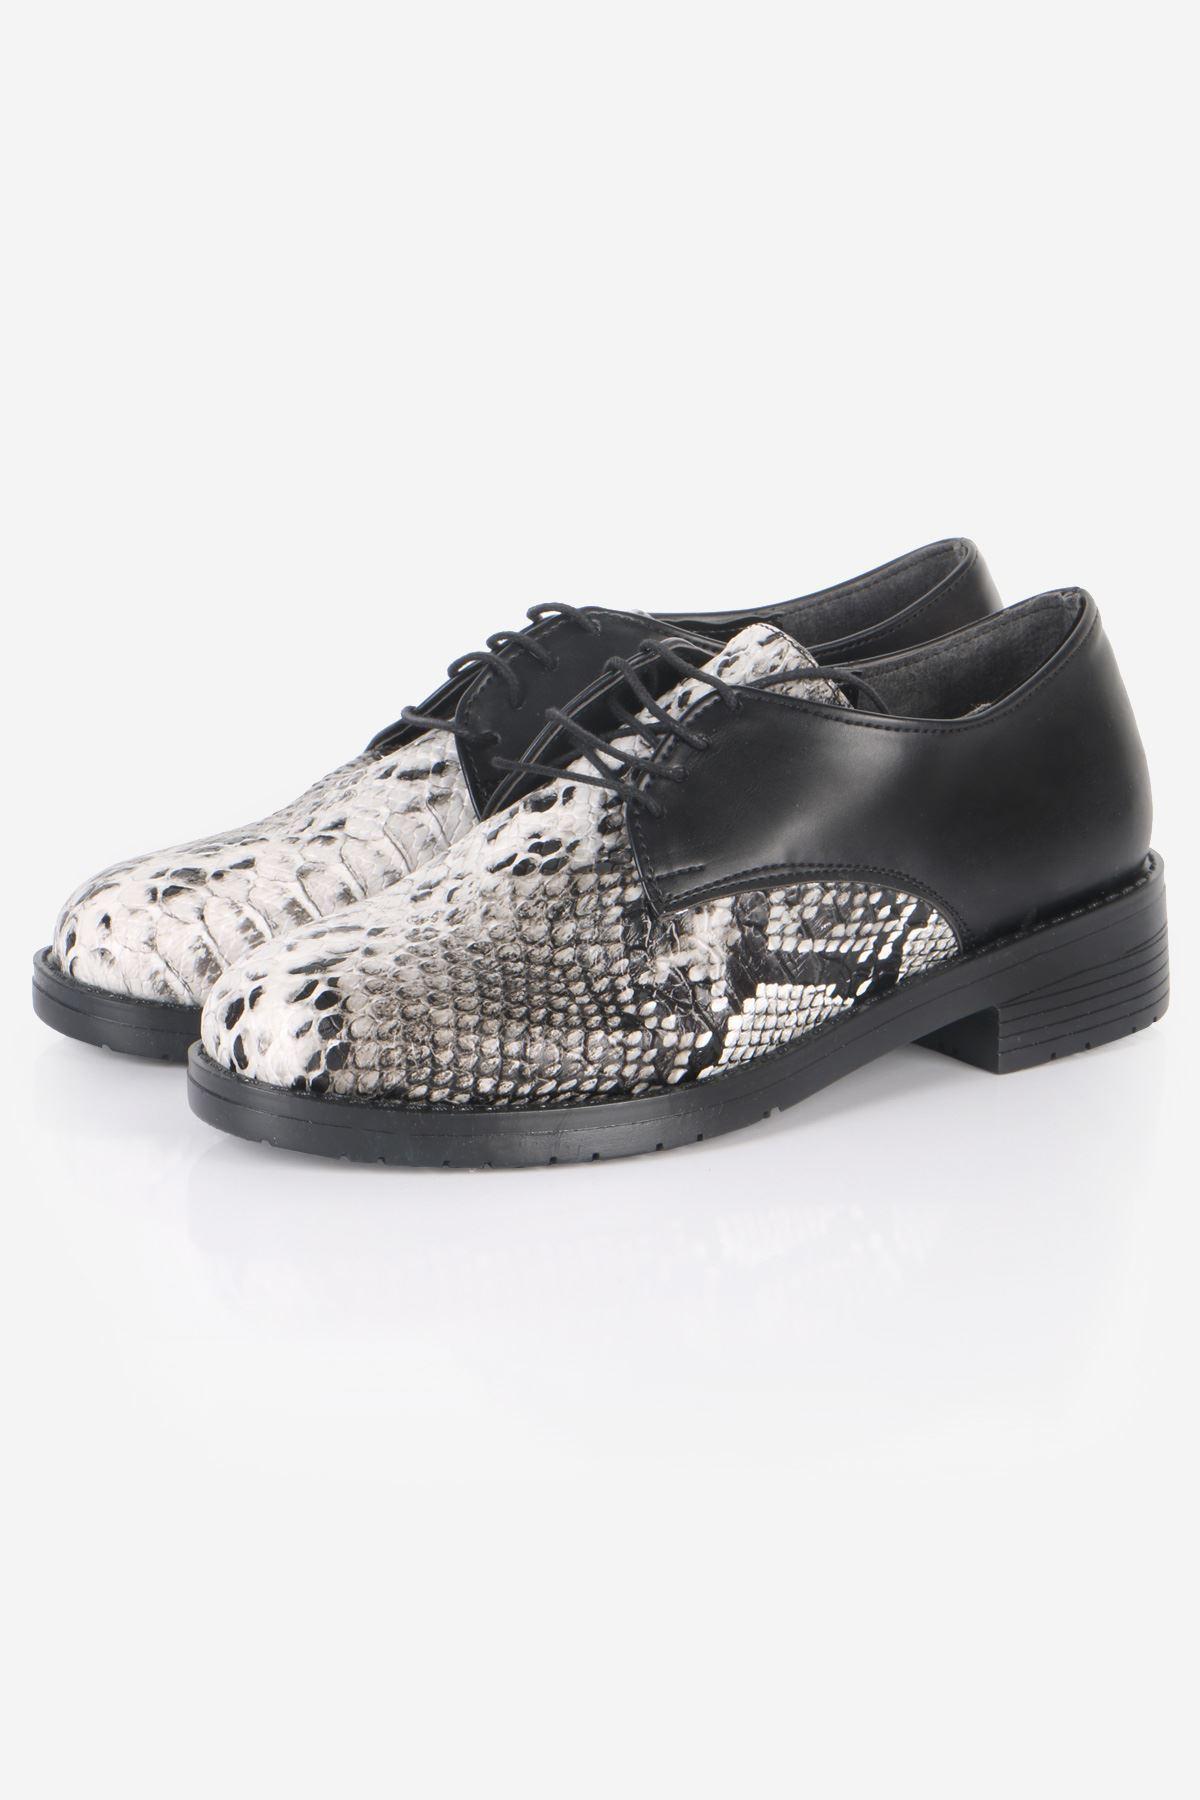 Siyah Yılan Detaylı Oxford Ayakkabı